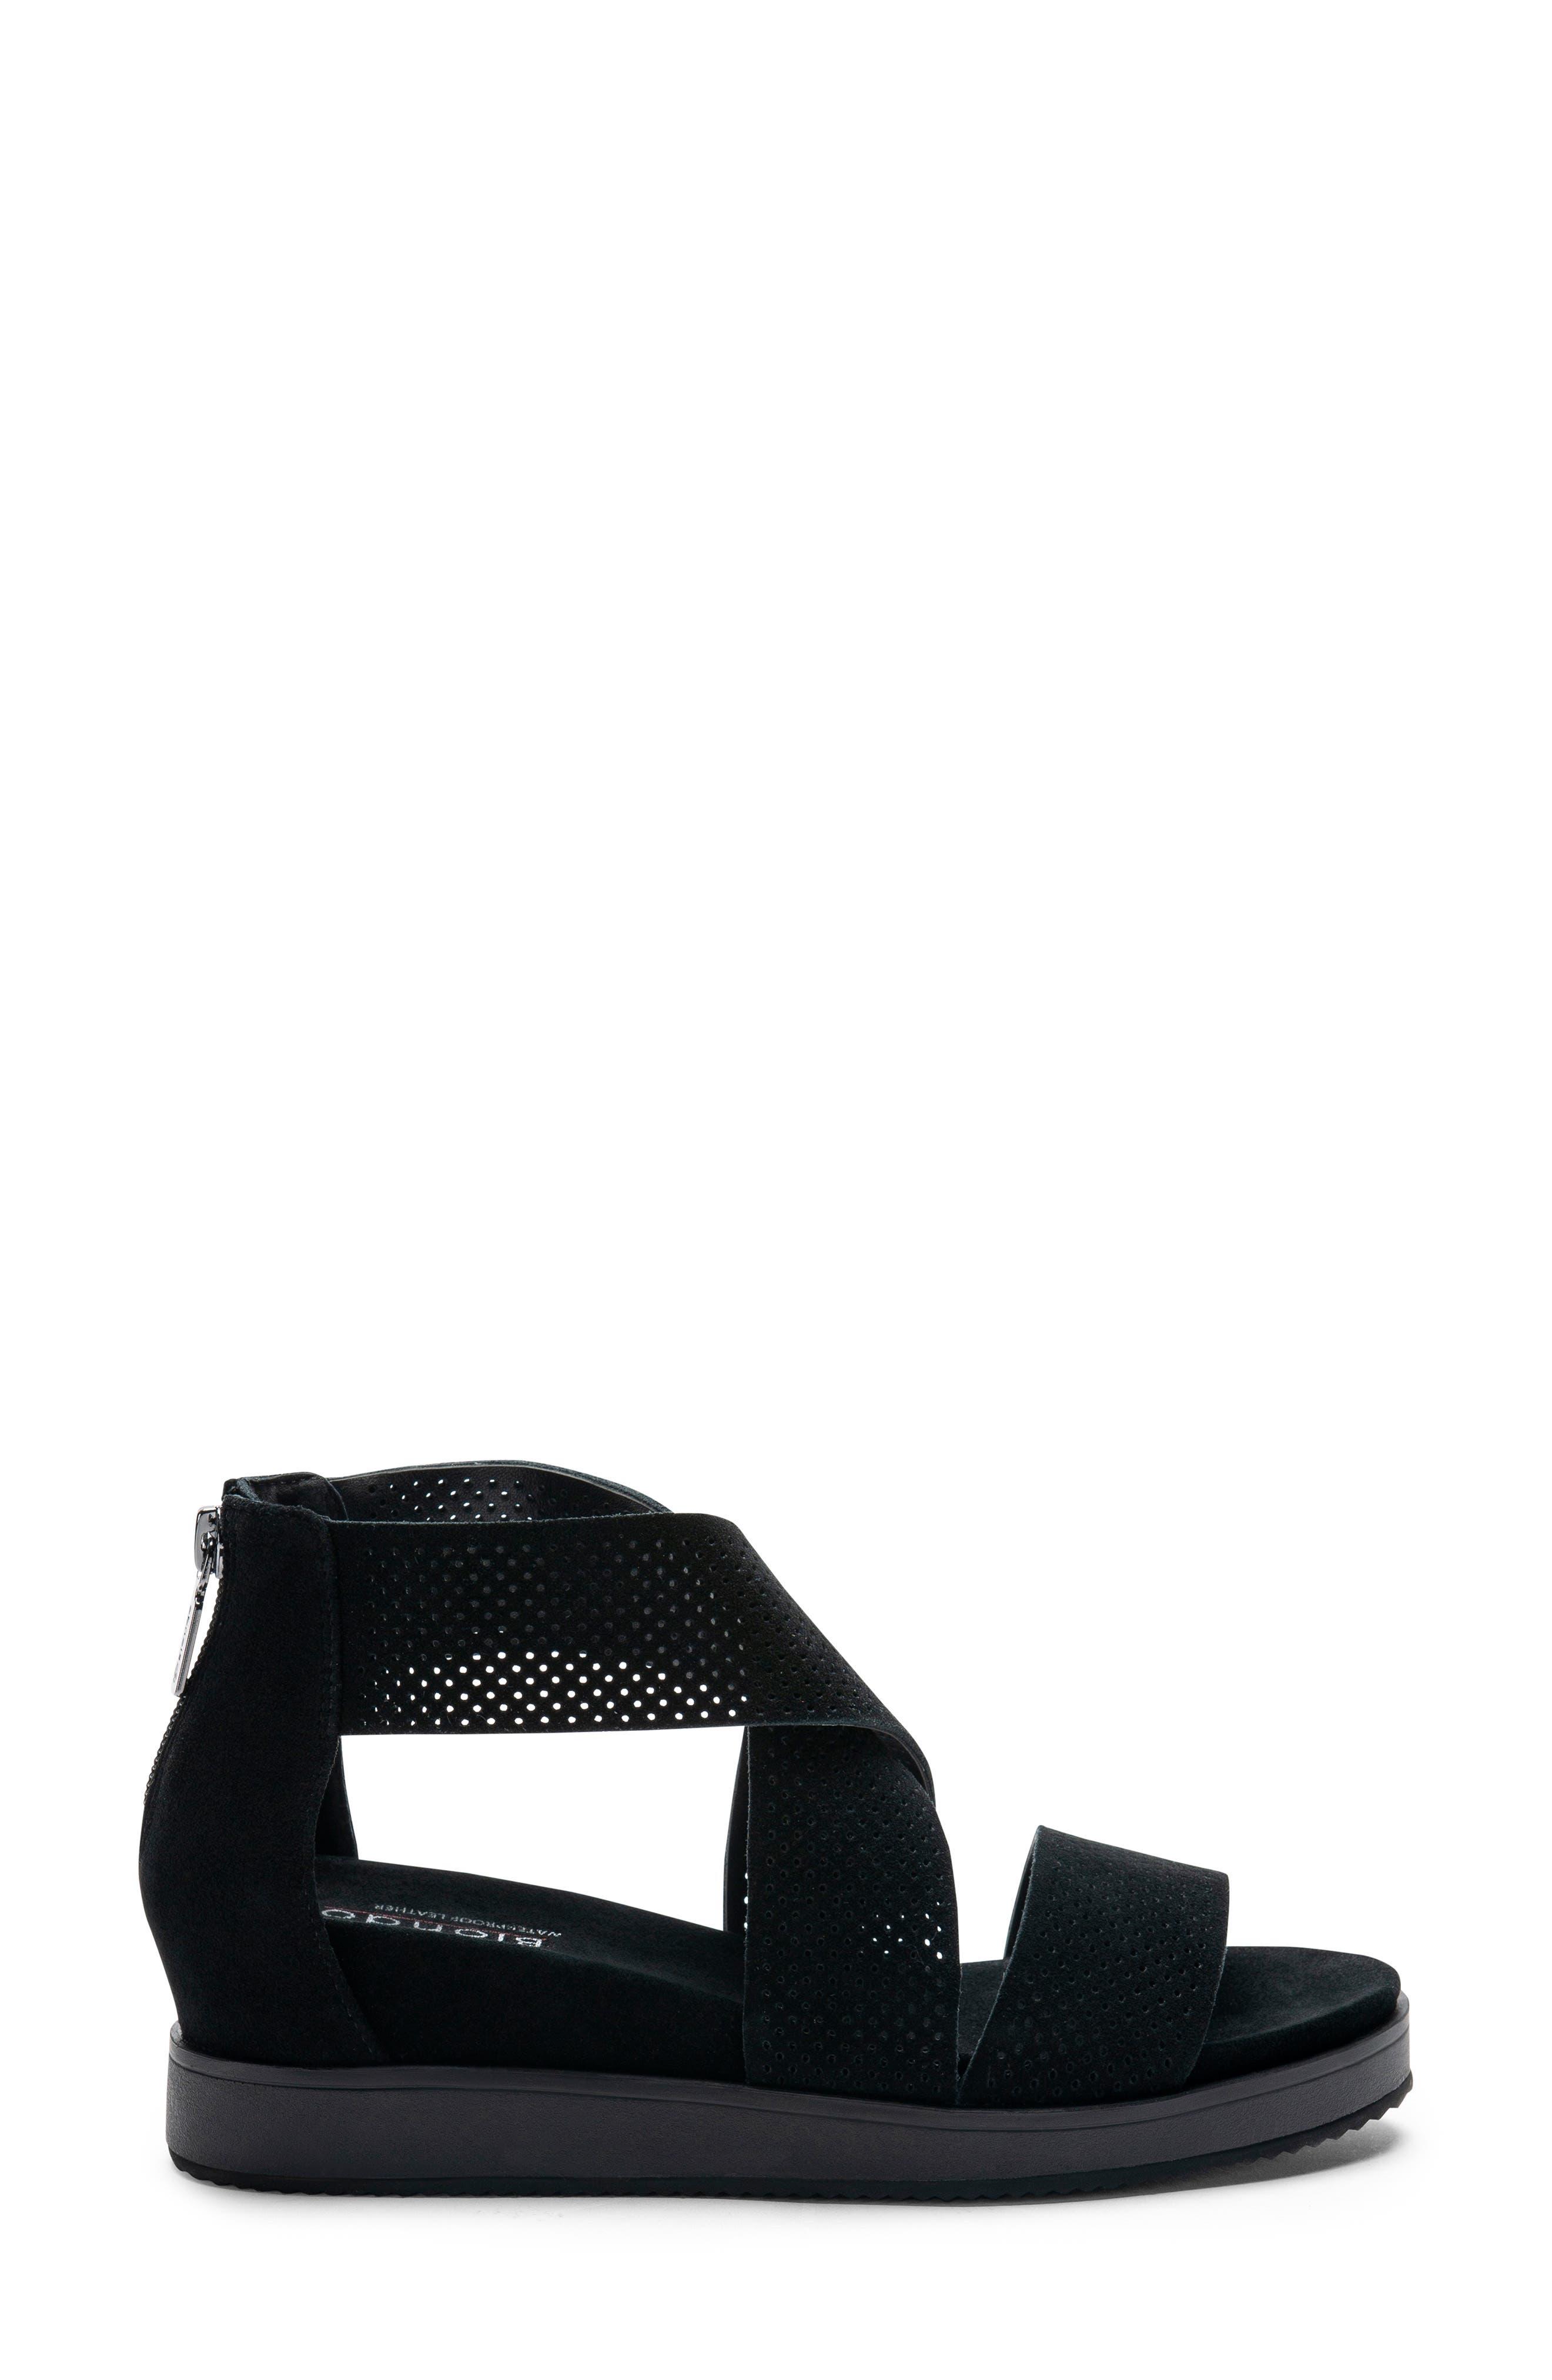 Cassie Waterproof Sandal,                             Alternate thumbnail 3, color,                             BLACK SUEDE